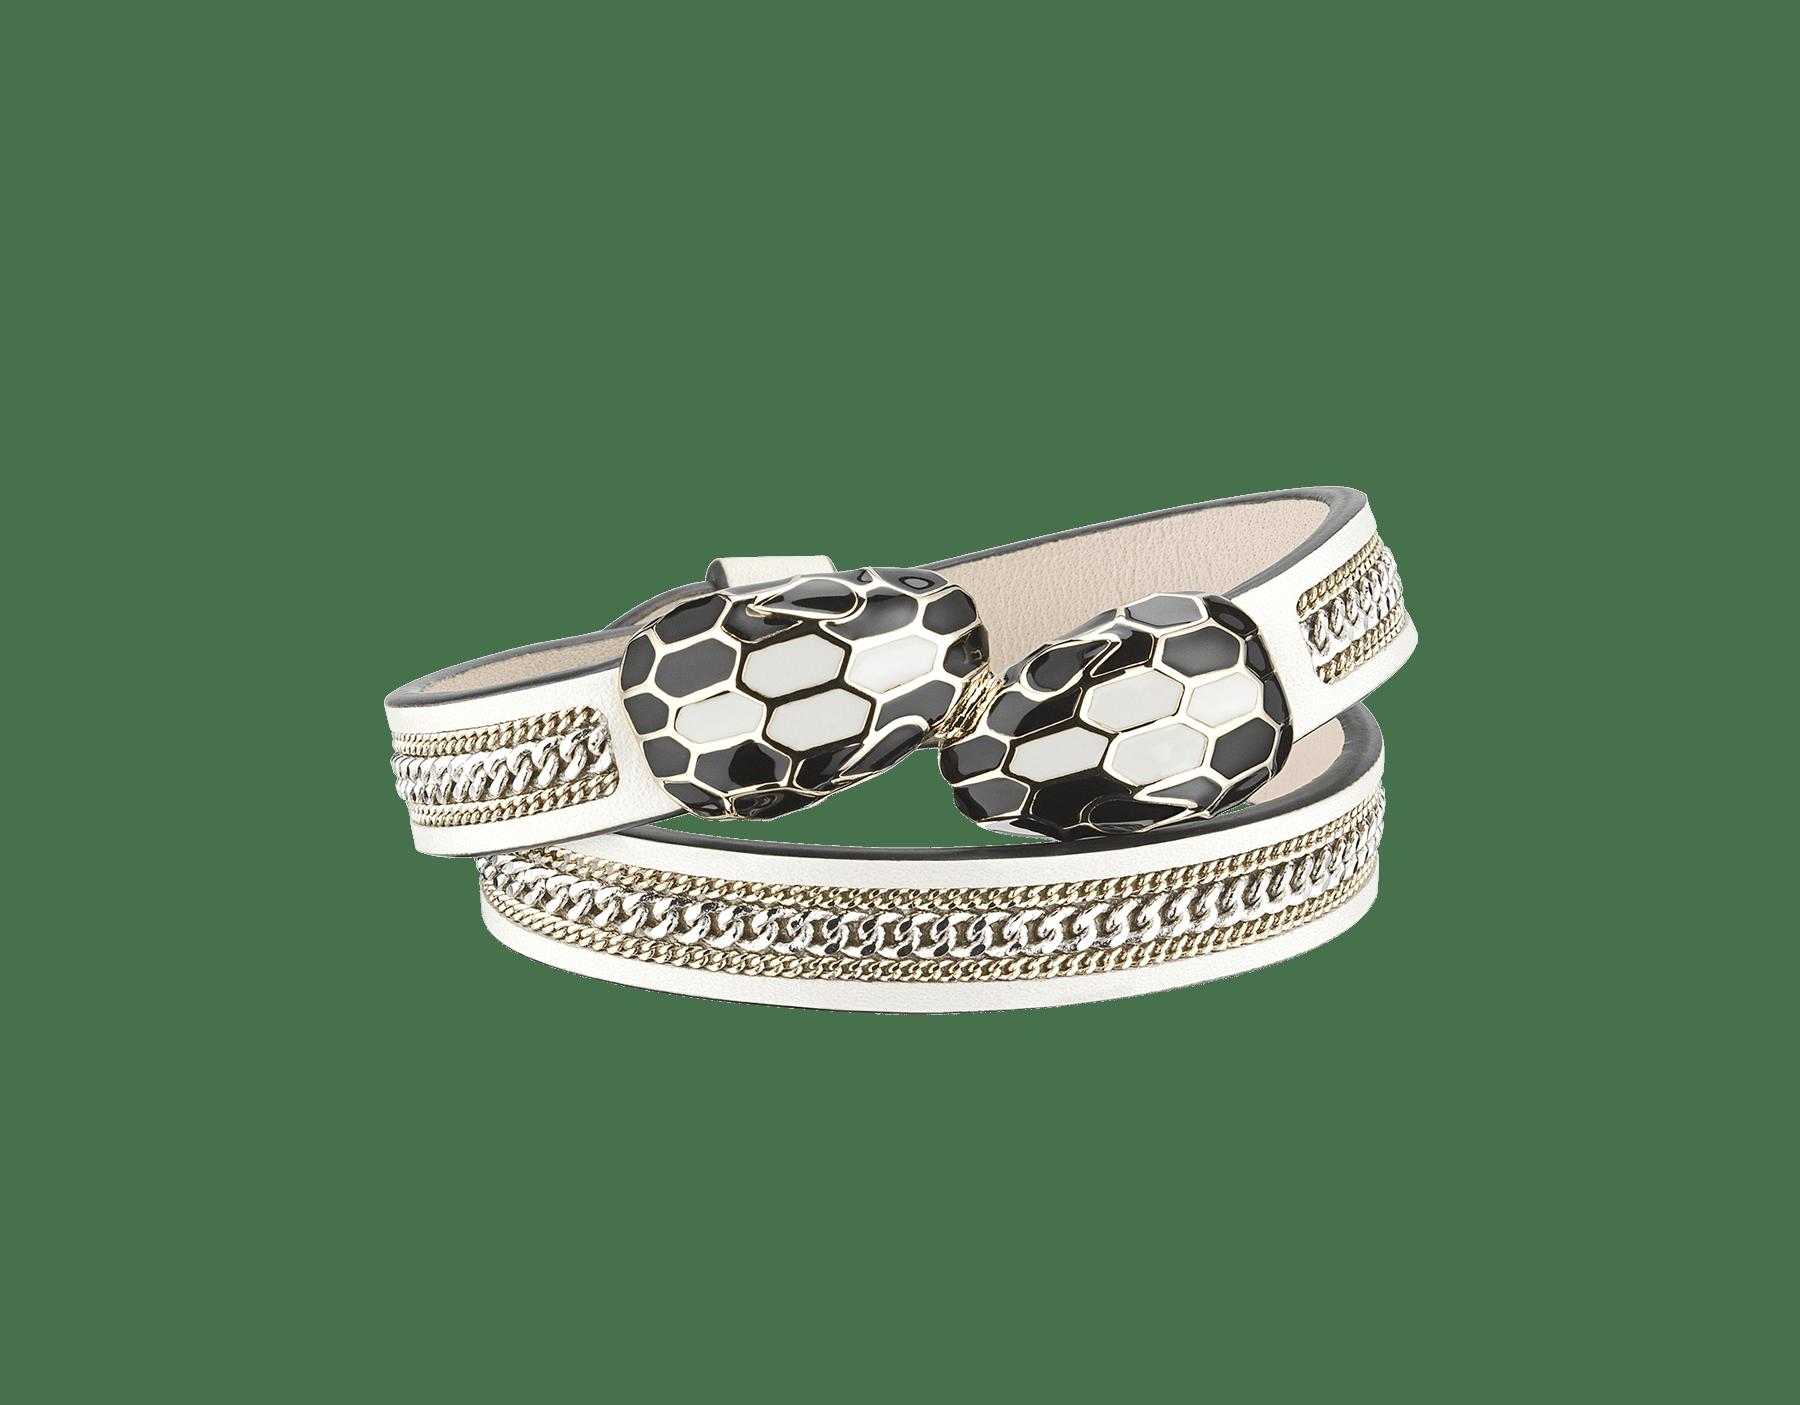 Bracelet multi-tours Serpenti Forever en cuir de veau couleur blanc agate avec motif 3chaînes et détails en laiton doré. Motif en miroir Serpenti emblématique en émail noir et couleur blanc agate avec yeux en émail noir au charme envoûtant. MCSerp-3CC-WA image 1